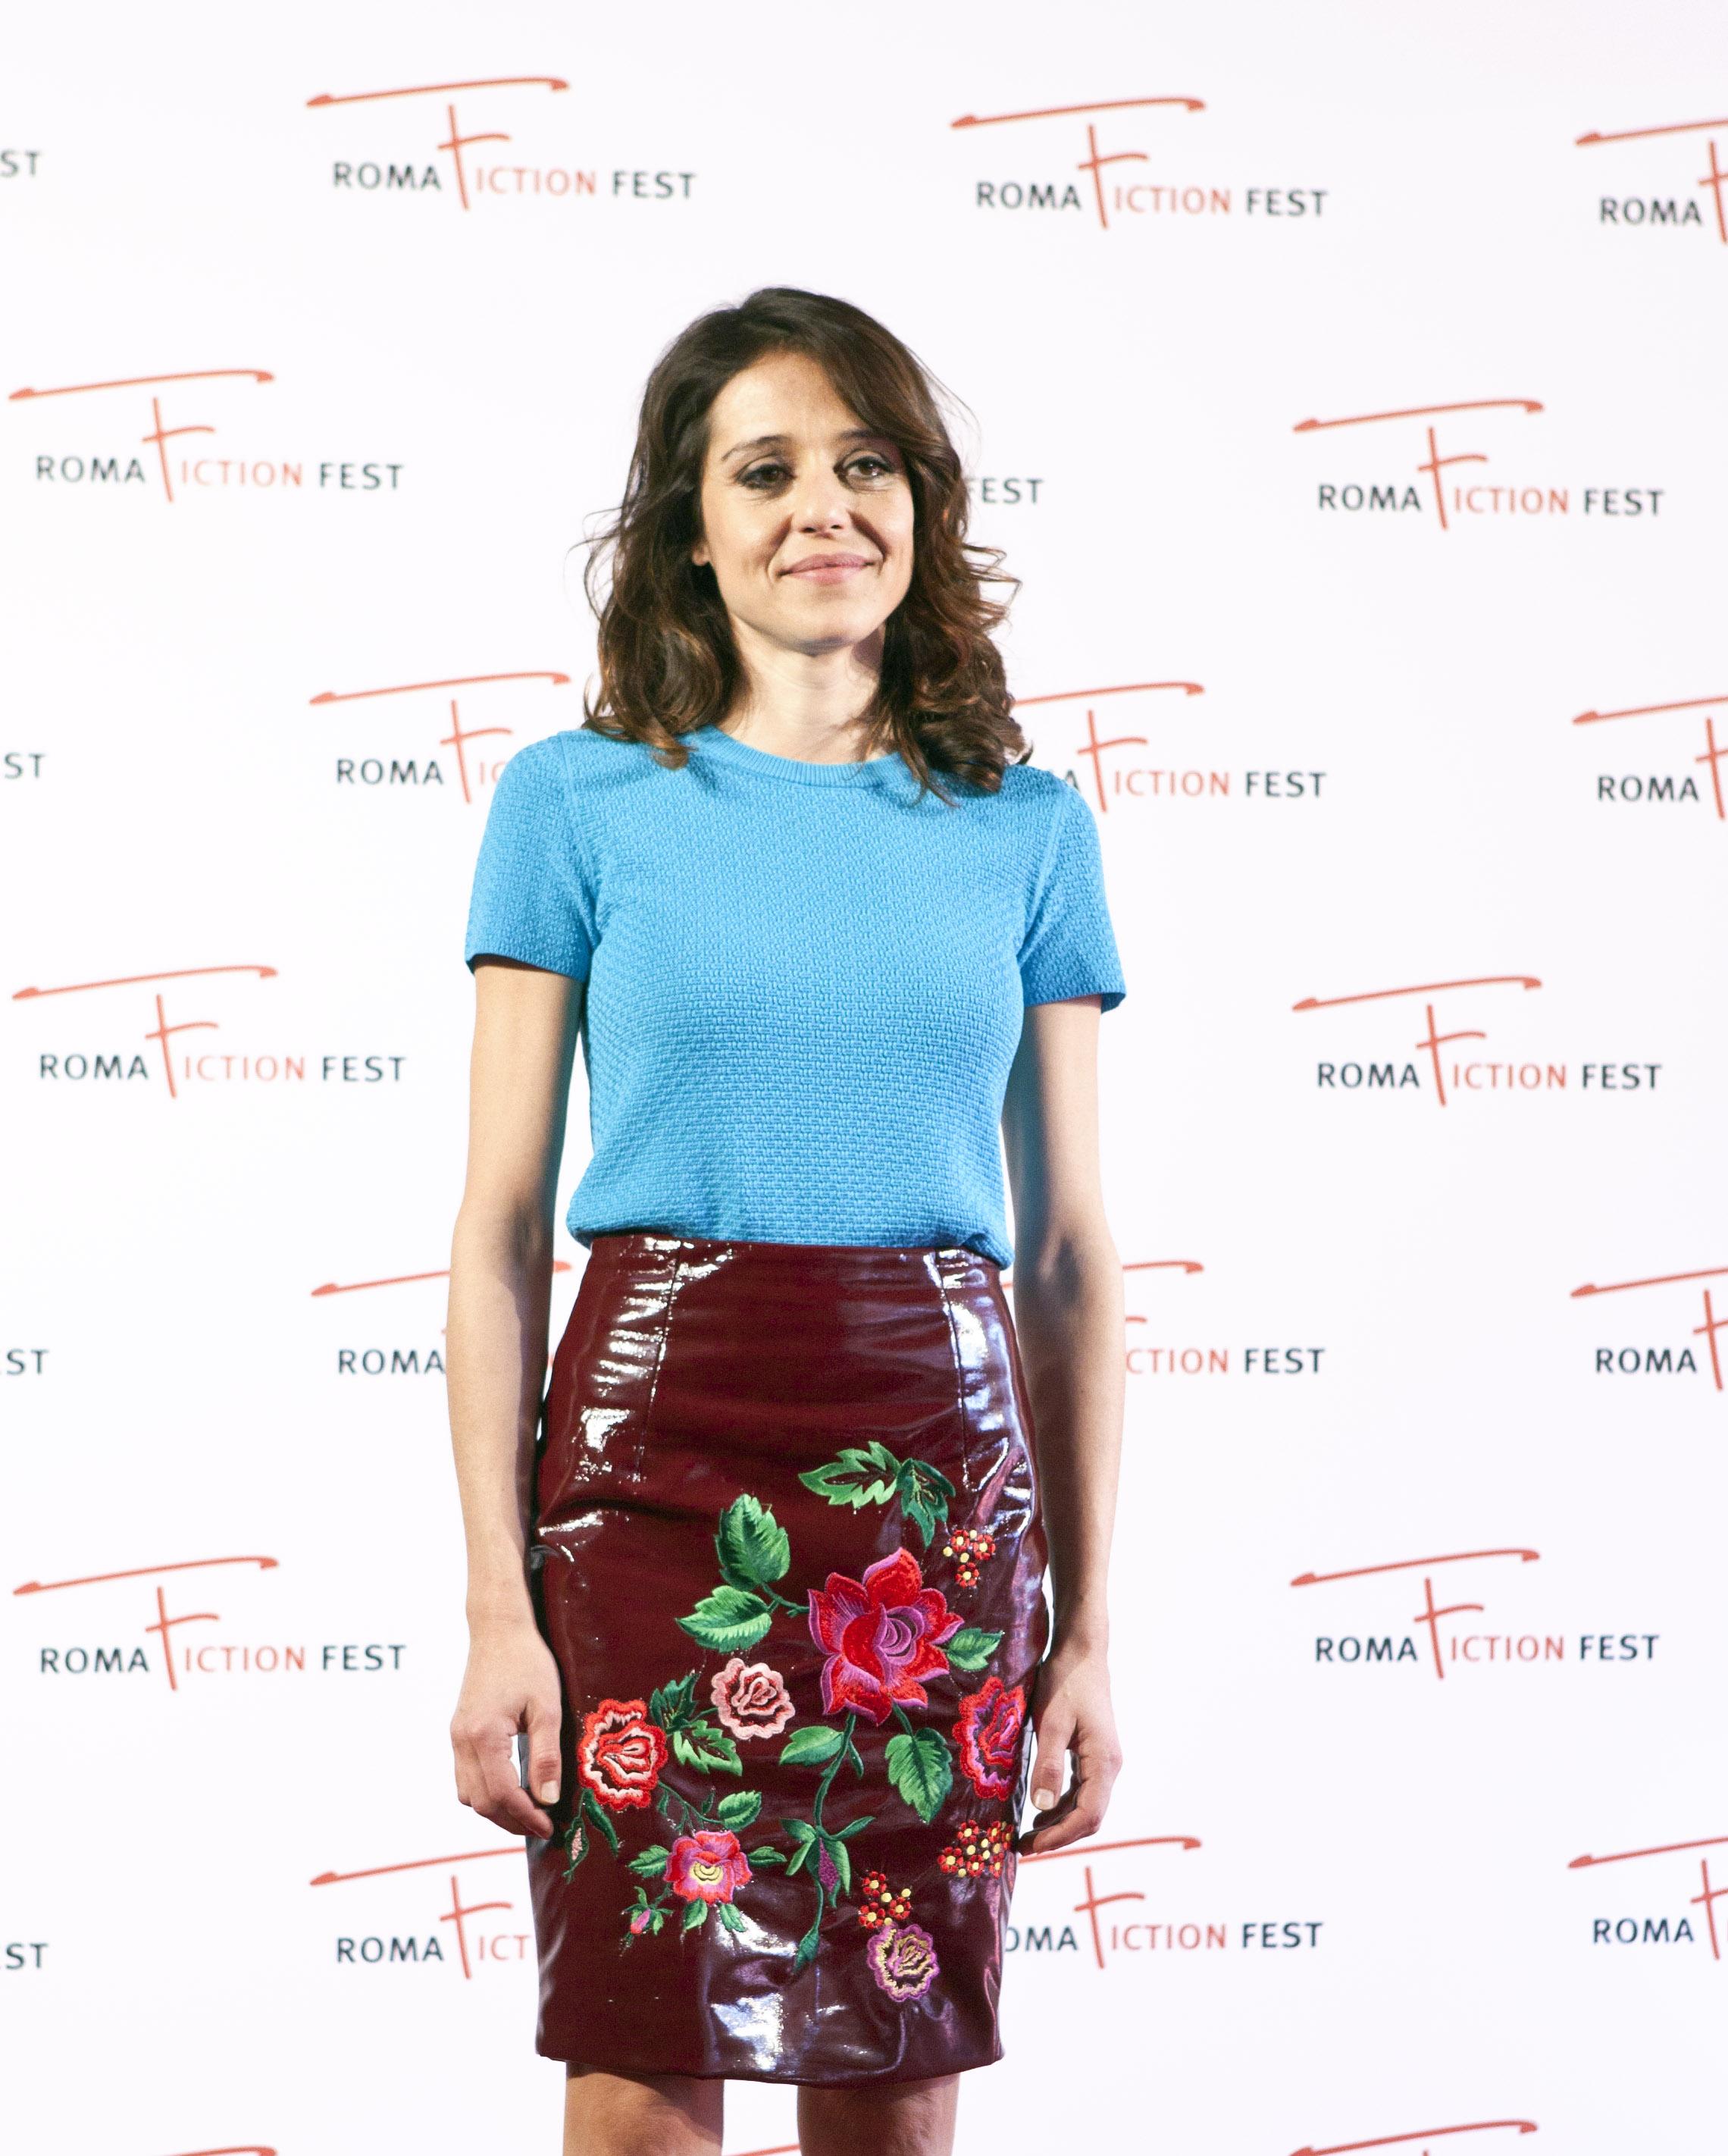 Lea: Vanessa Scalera al photocall del Roma Fiction Fest